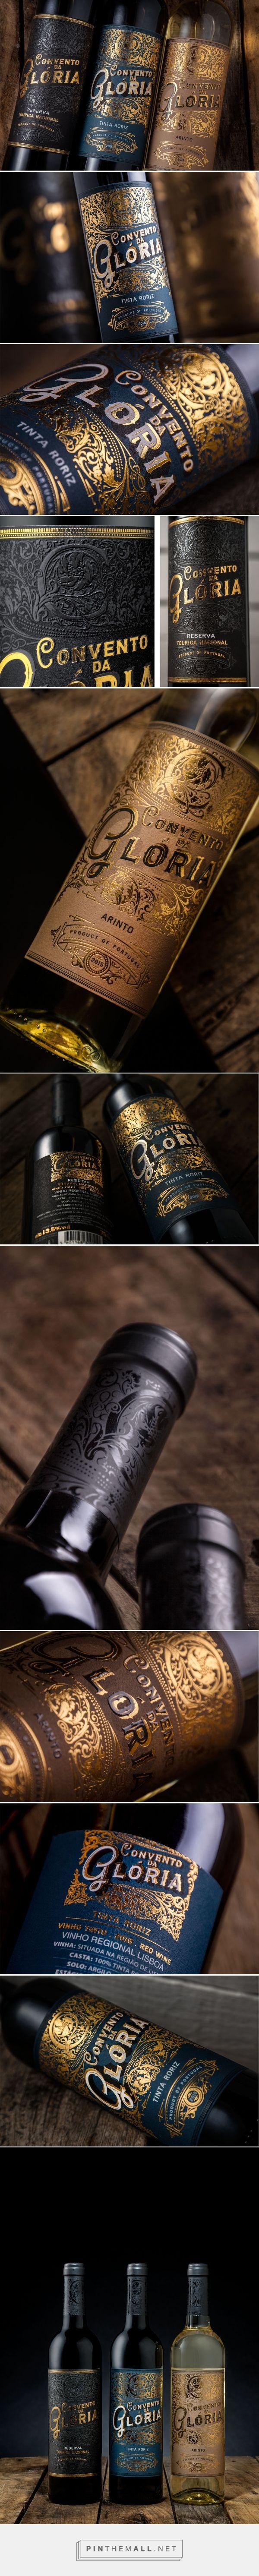 Convento da Glória wine label design by M&A Creative Agency (Portugal) - http://www.packagingoftheworld.com/2016/07/convento-da-gloria.html